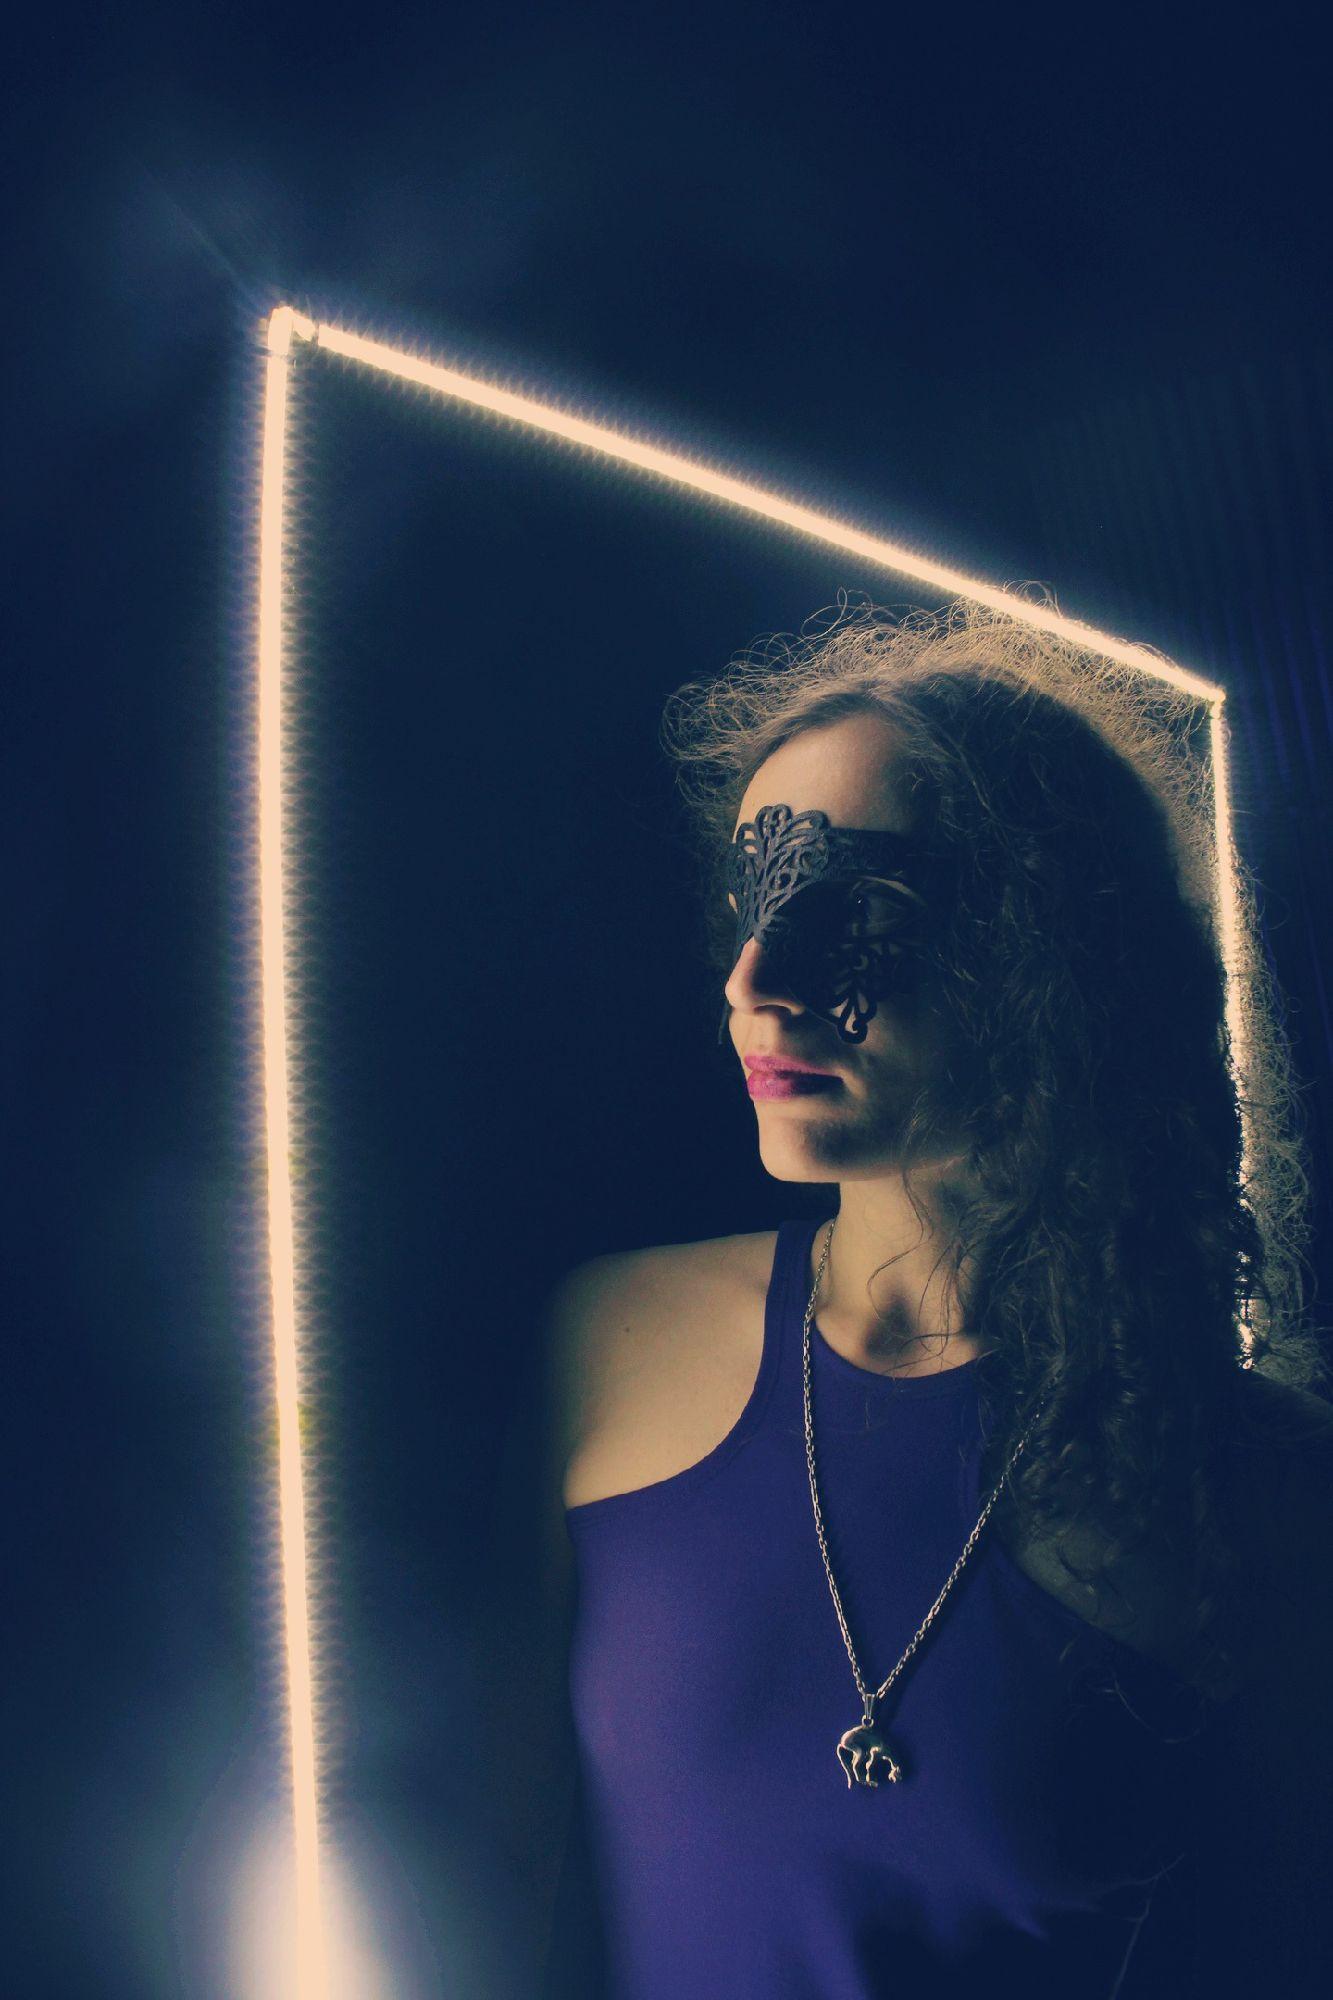 Фото: Виктория Пахлова. Модель: Соломея Лютова